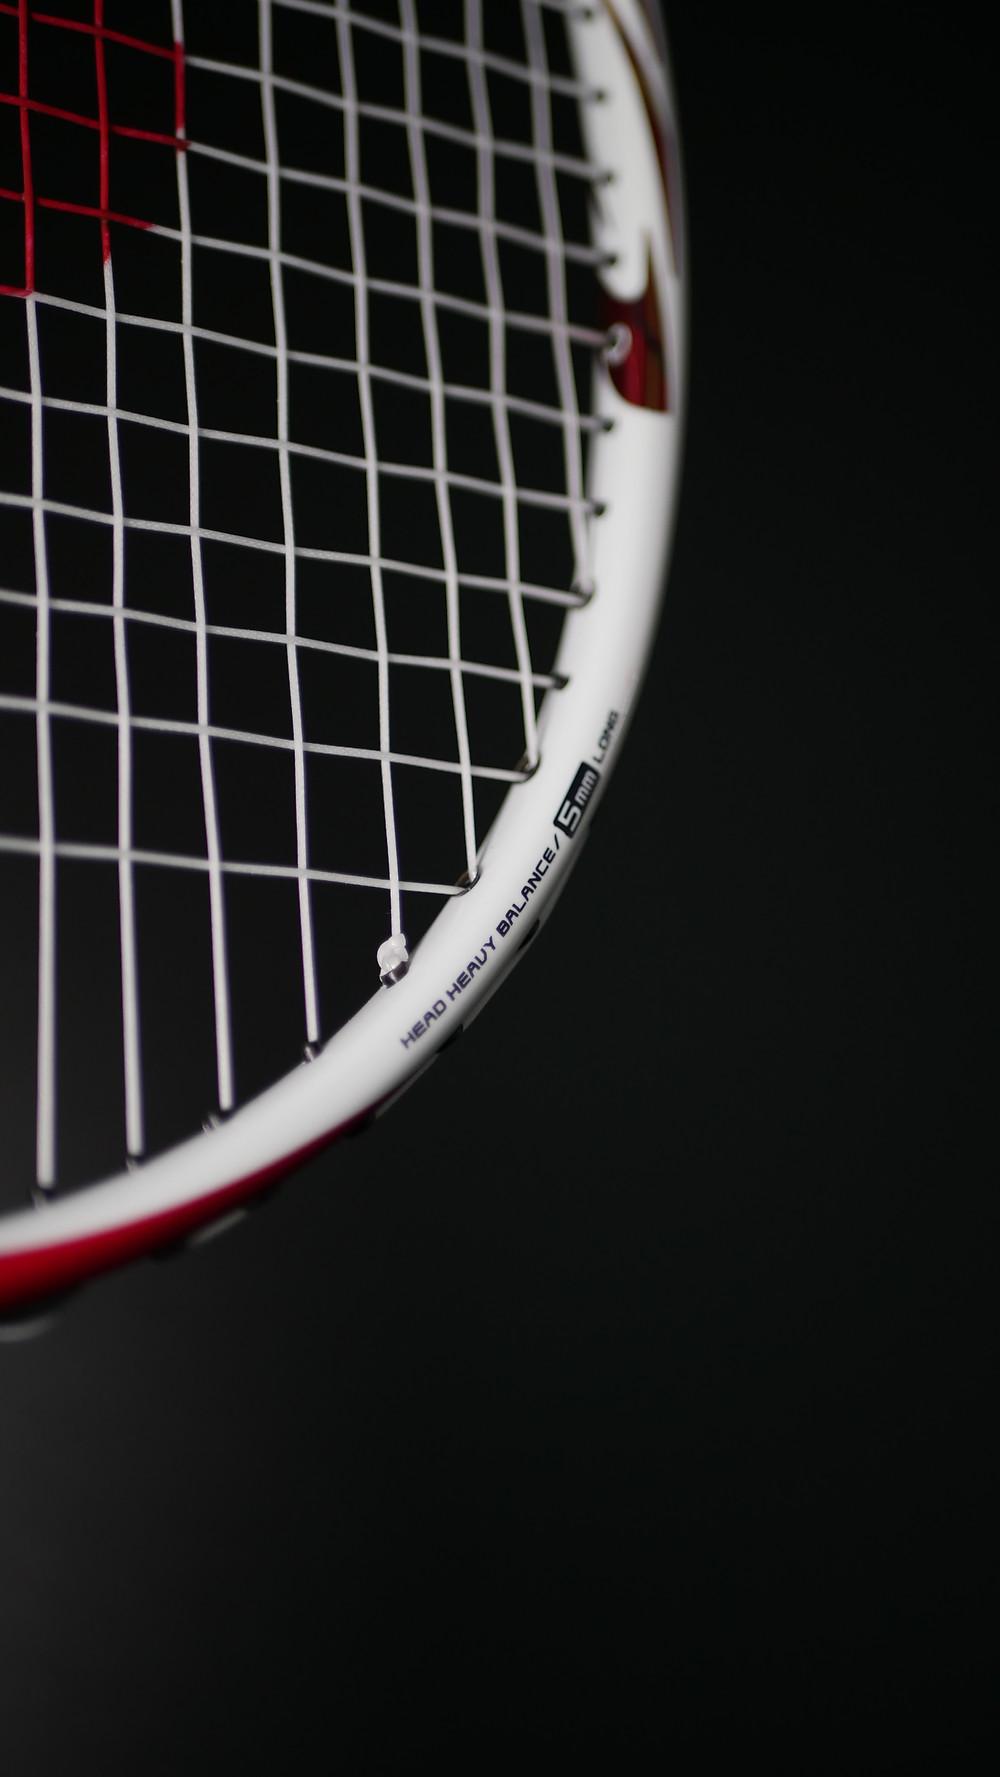 Yonex Astrox 88S badminton racket